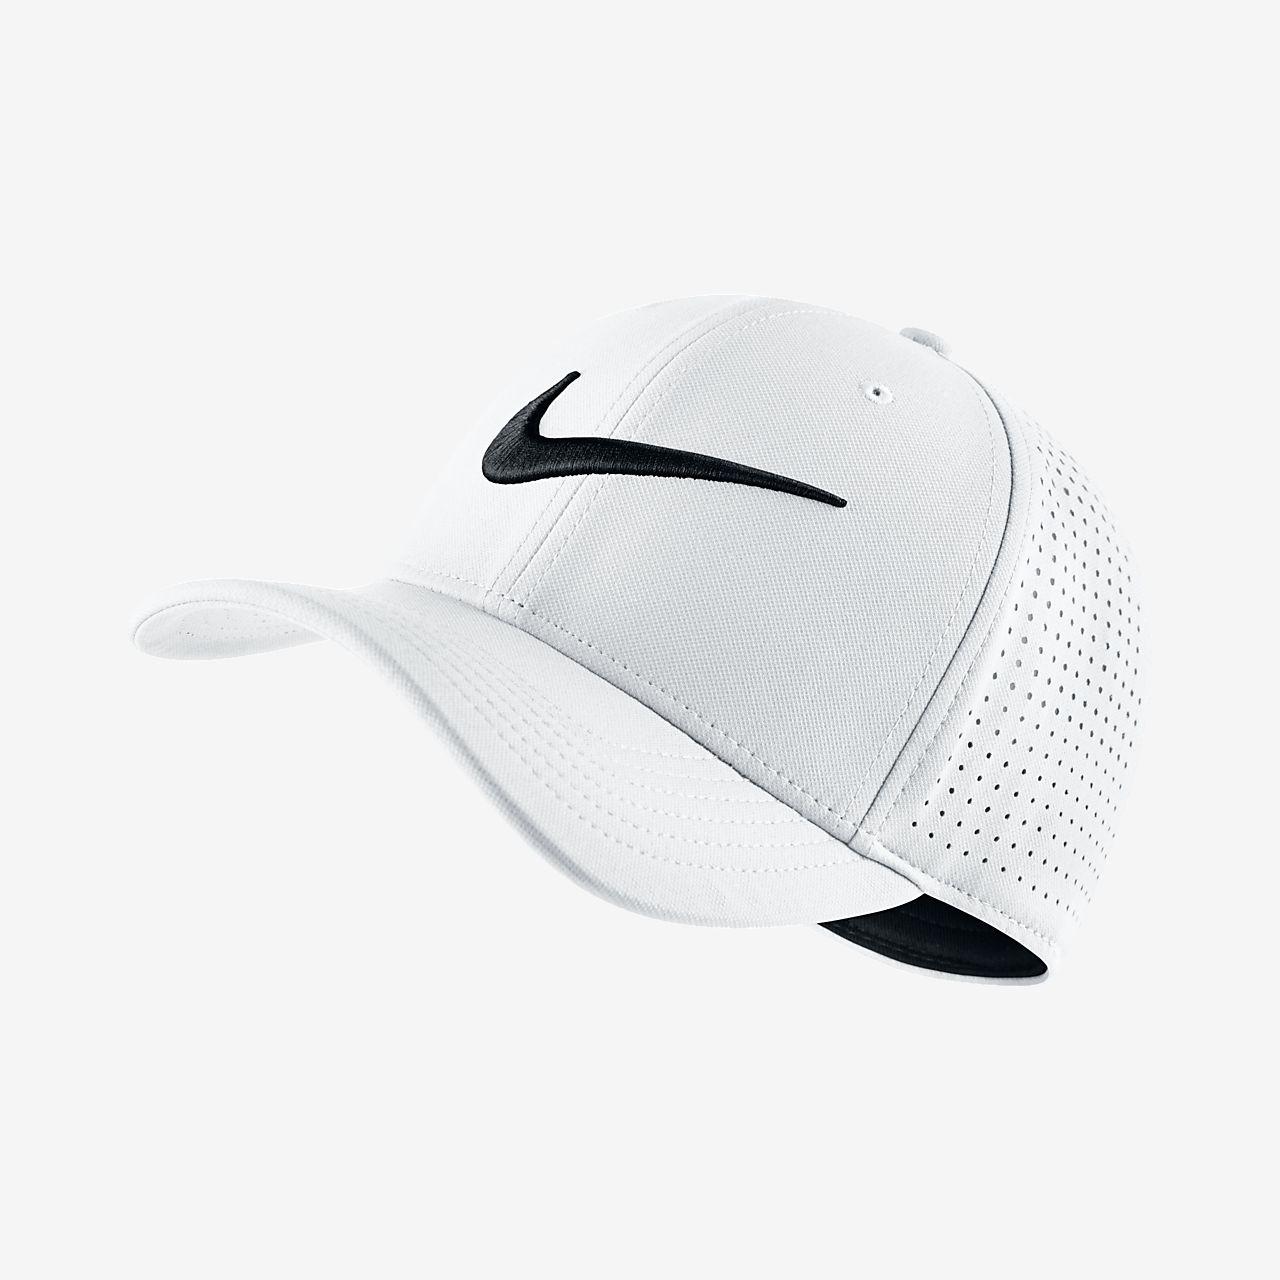 Boné ajustado Nike Vapor Classic 99 SF